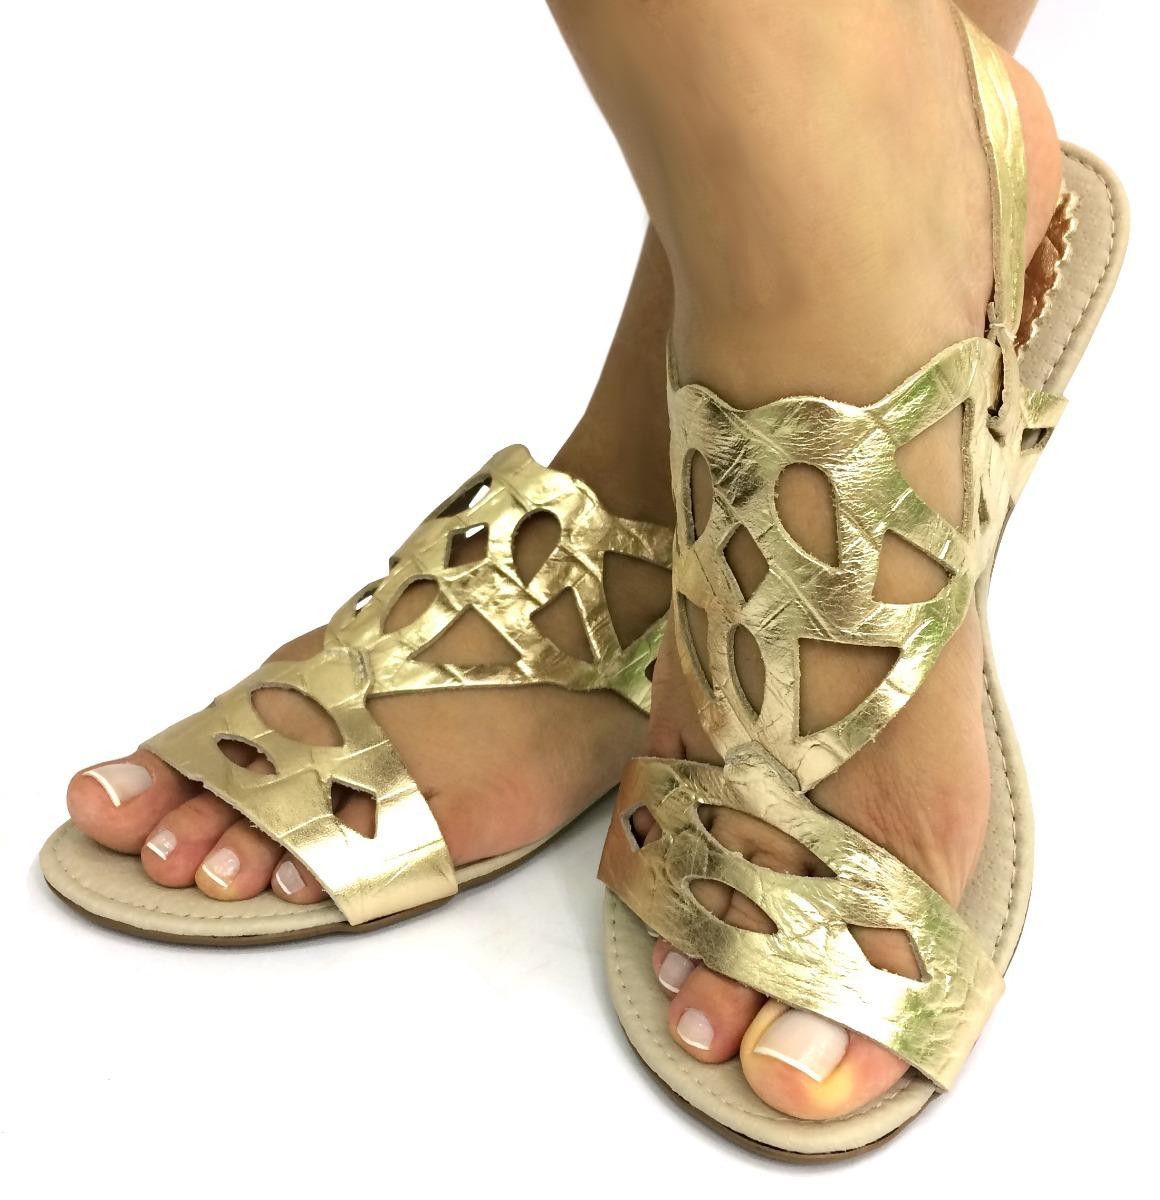 73a4b66771 rasteirinha sandália couro dourado feminina bonita barata a+. Carregando  zoom.